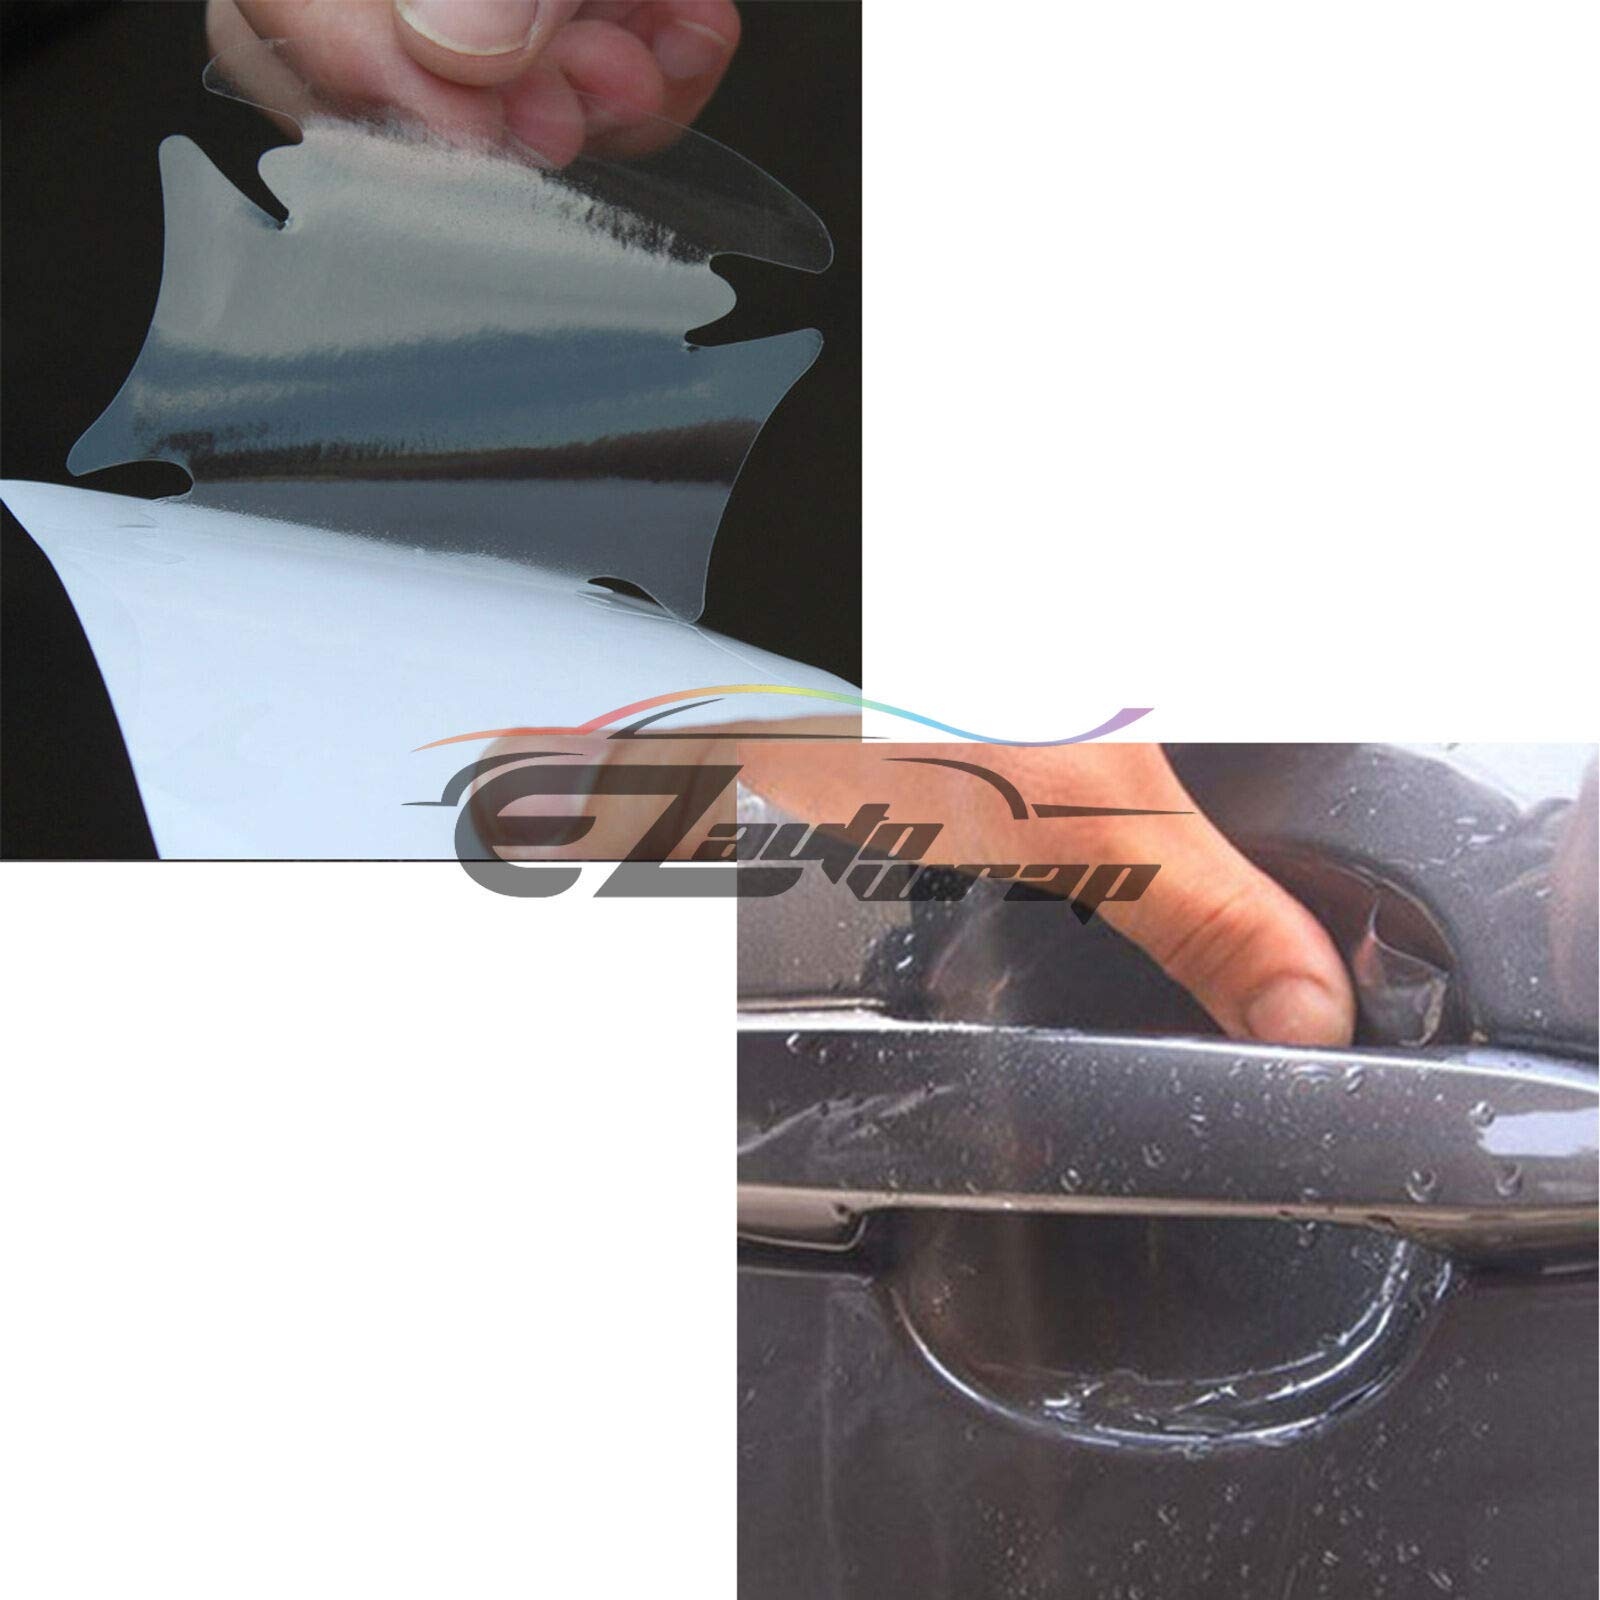 EZAUTOWRAP 4PCs 3M Scotchguard Clear Door Cup Handle Paint Scratch Protection Guard Film Bra Vinyl Style 1 by EZAUTOWRAP (Image #6)